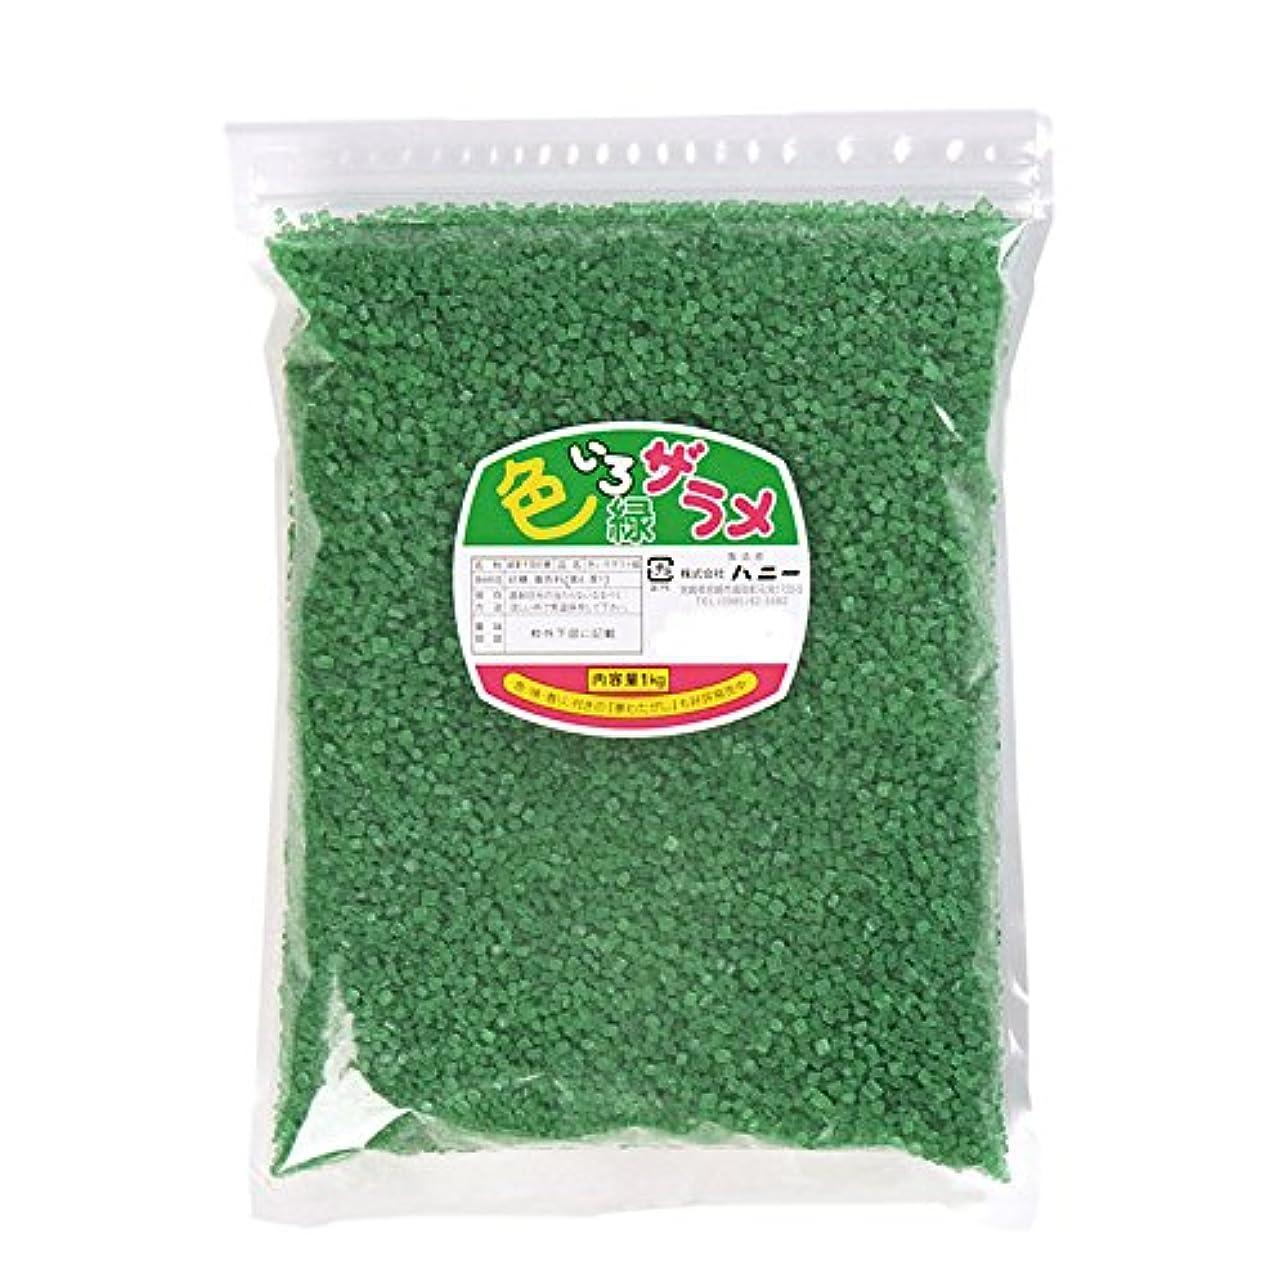 口実エキゾチック行政色付きザラメ 『色いろザラメ』 1袋×1kg入 (緑)